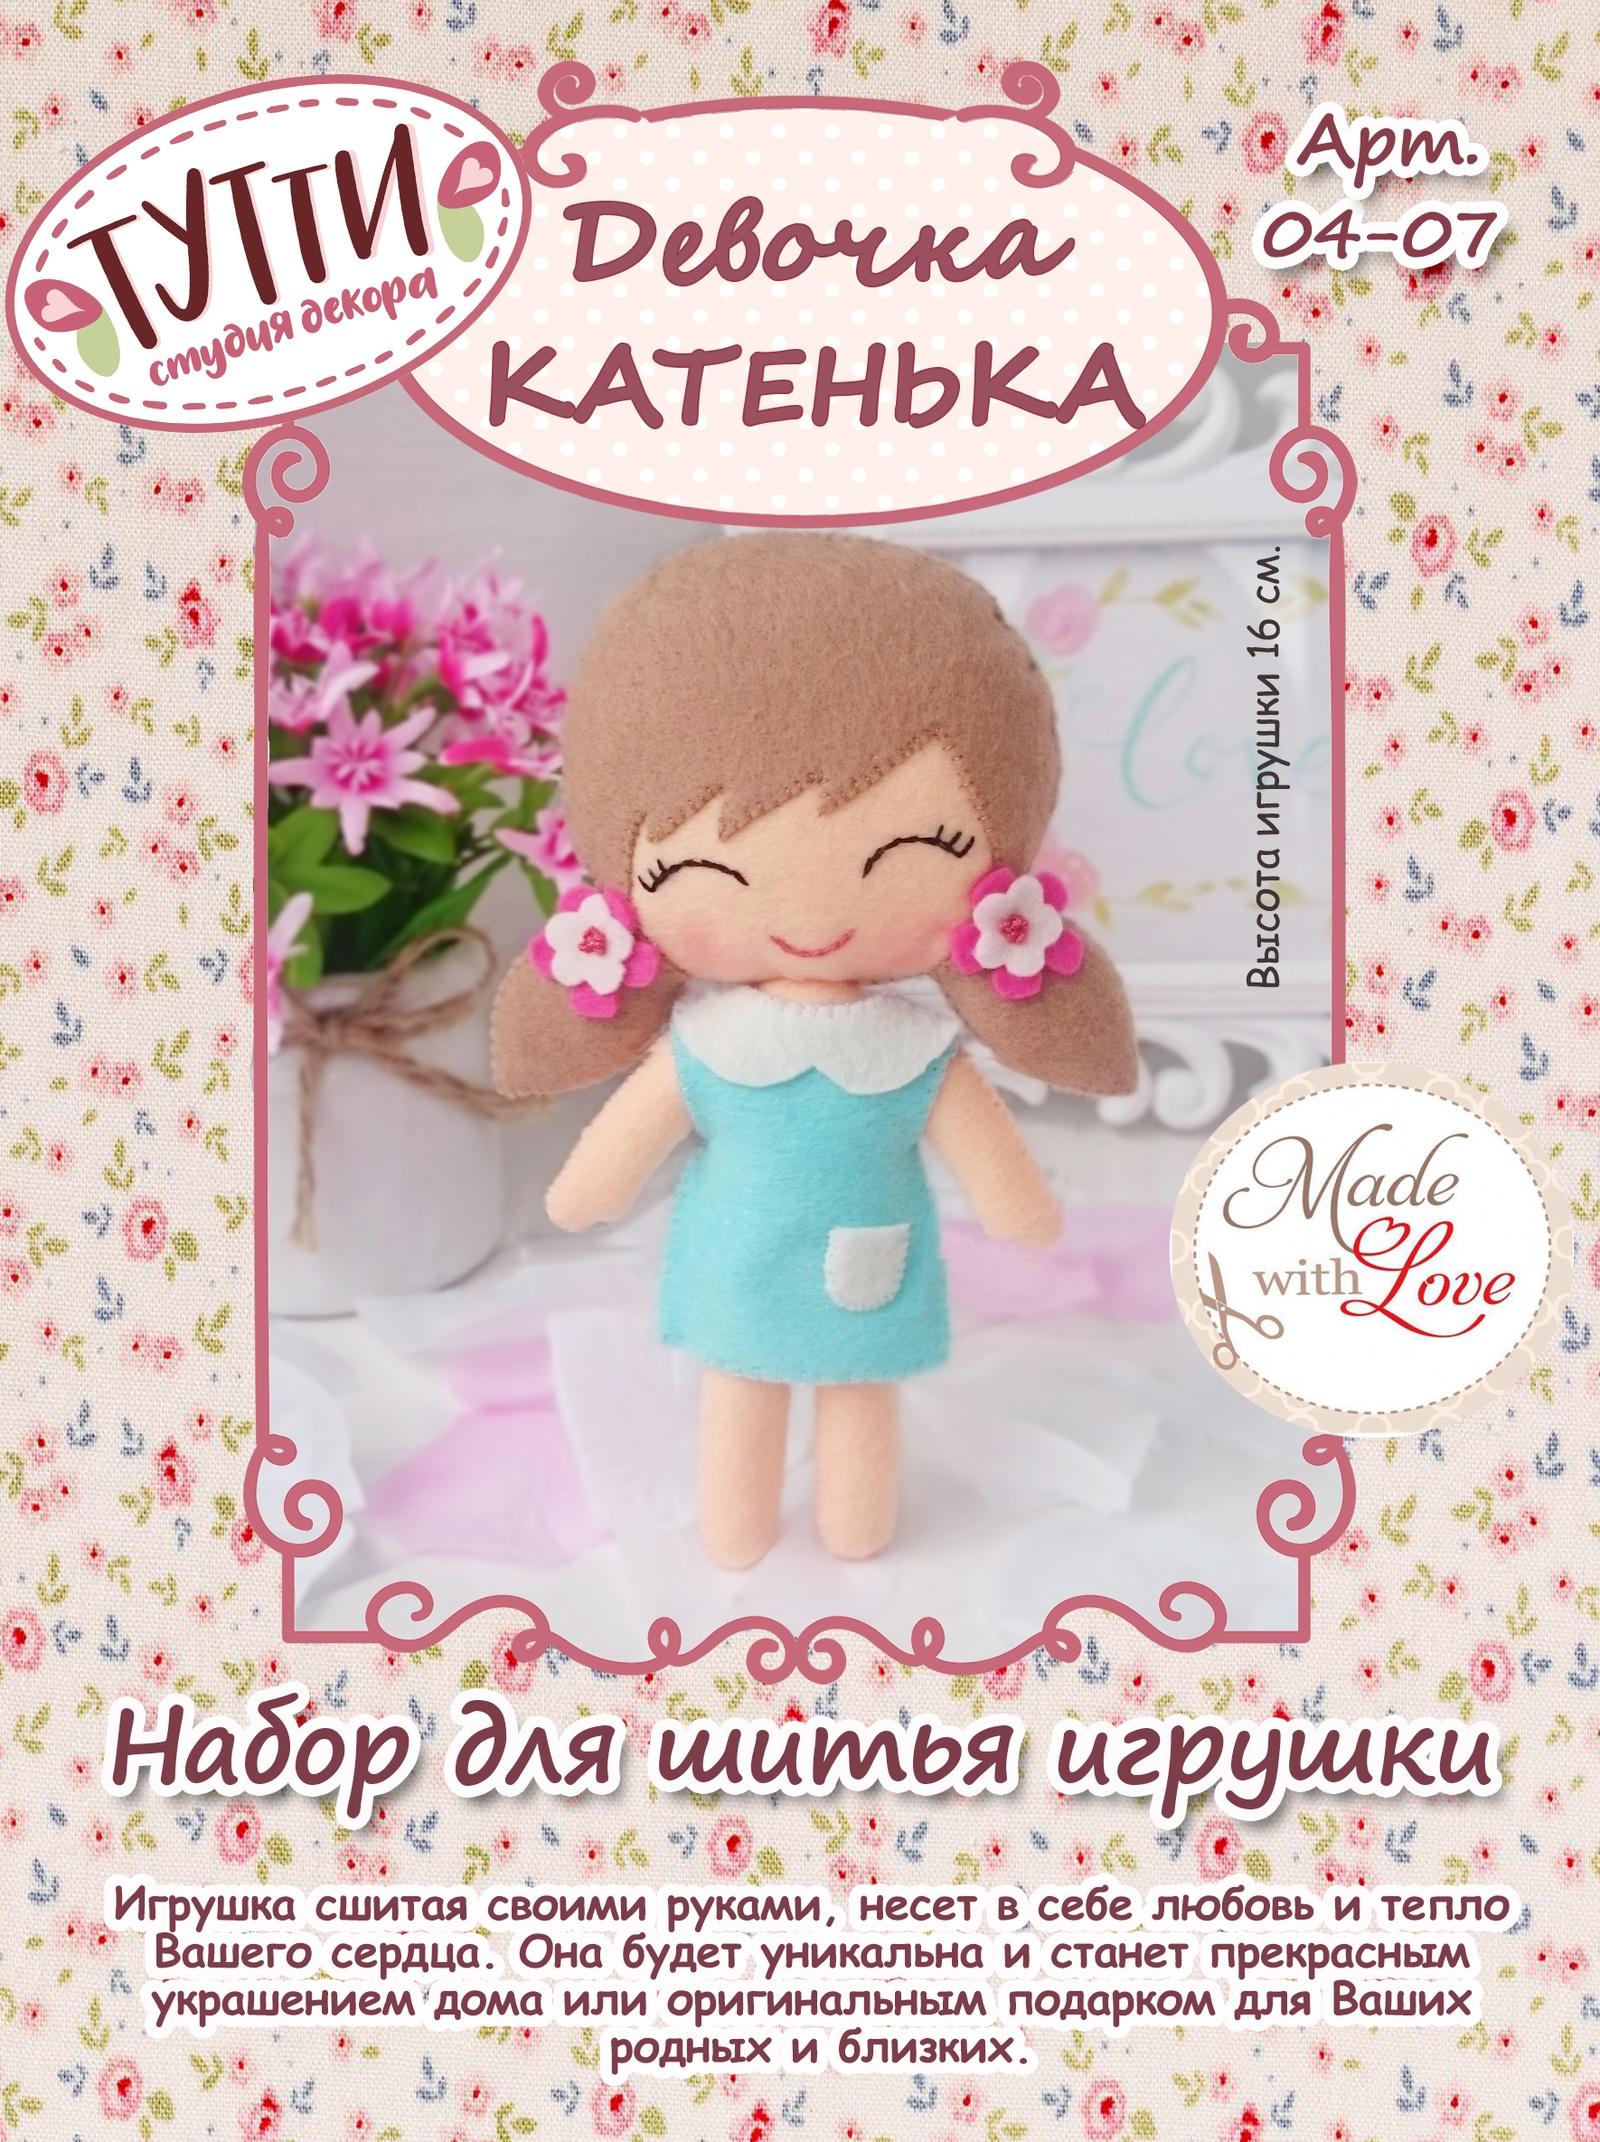 """Набор для изготовления игрушки Тутти """"Девочка Катенька"""", 04-07"""